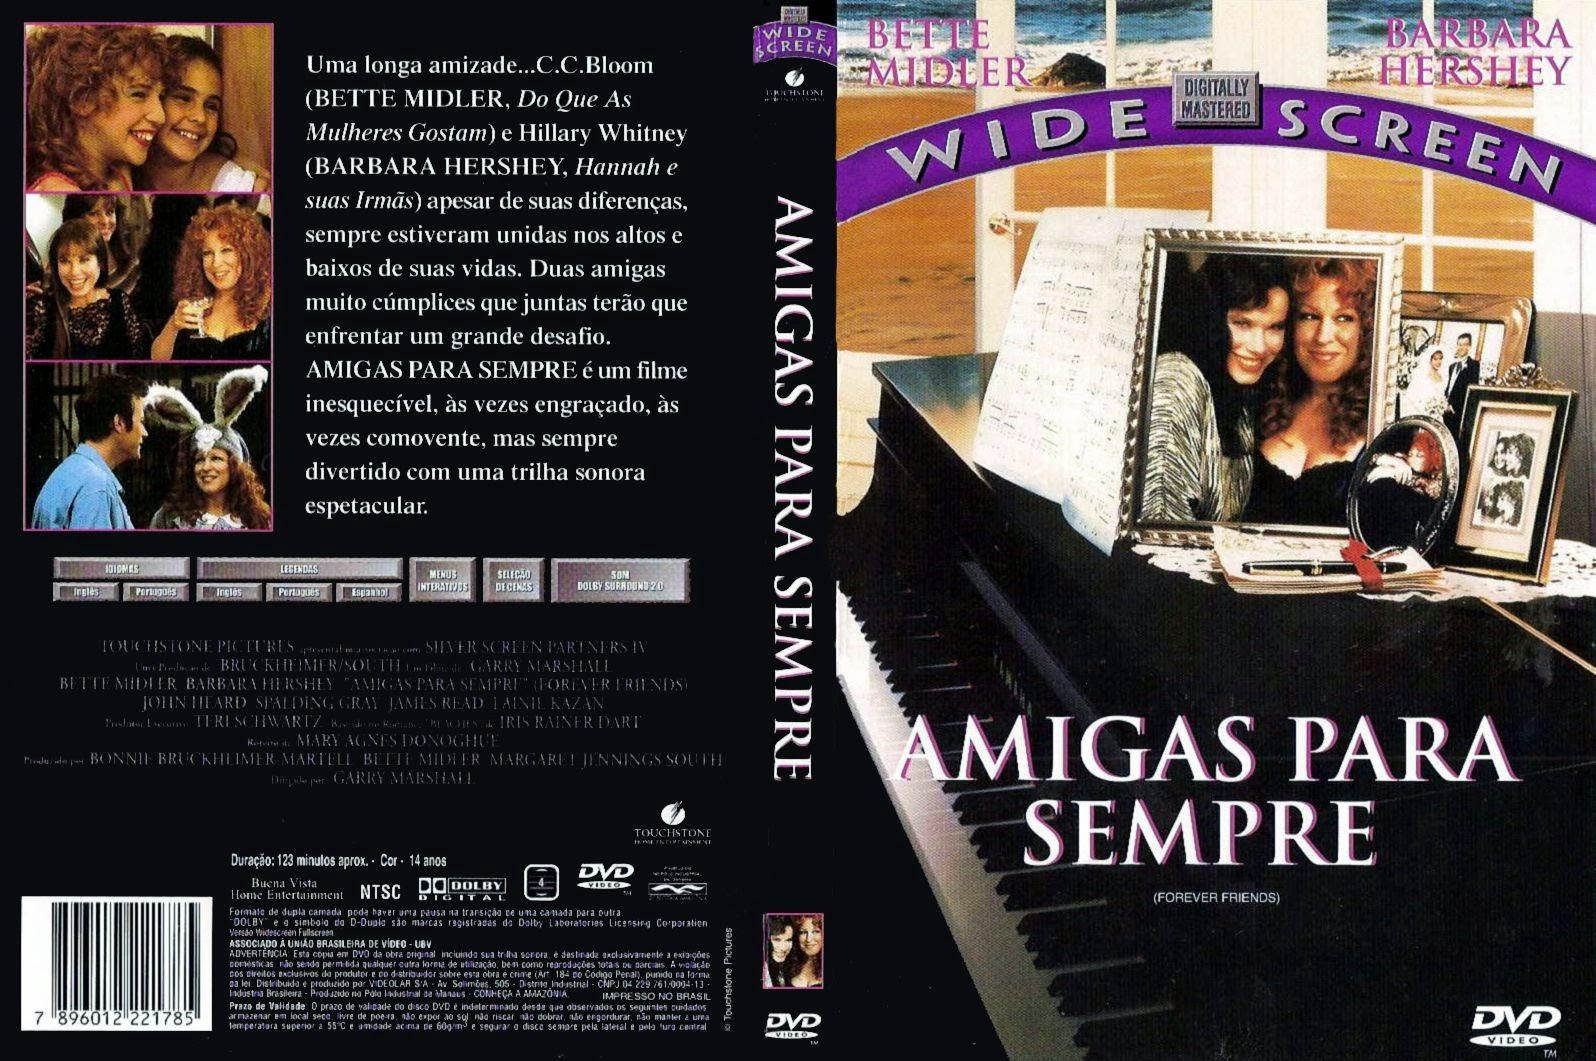 Capa DVD Amigas Para Sempre